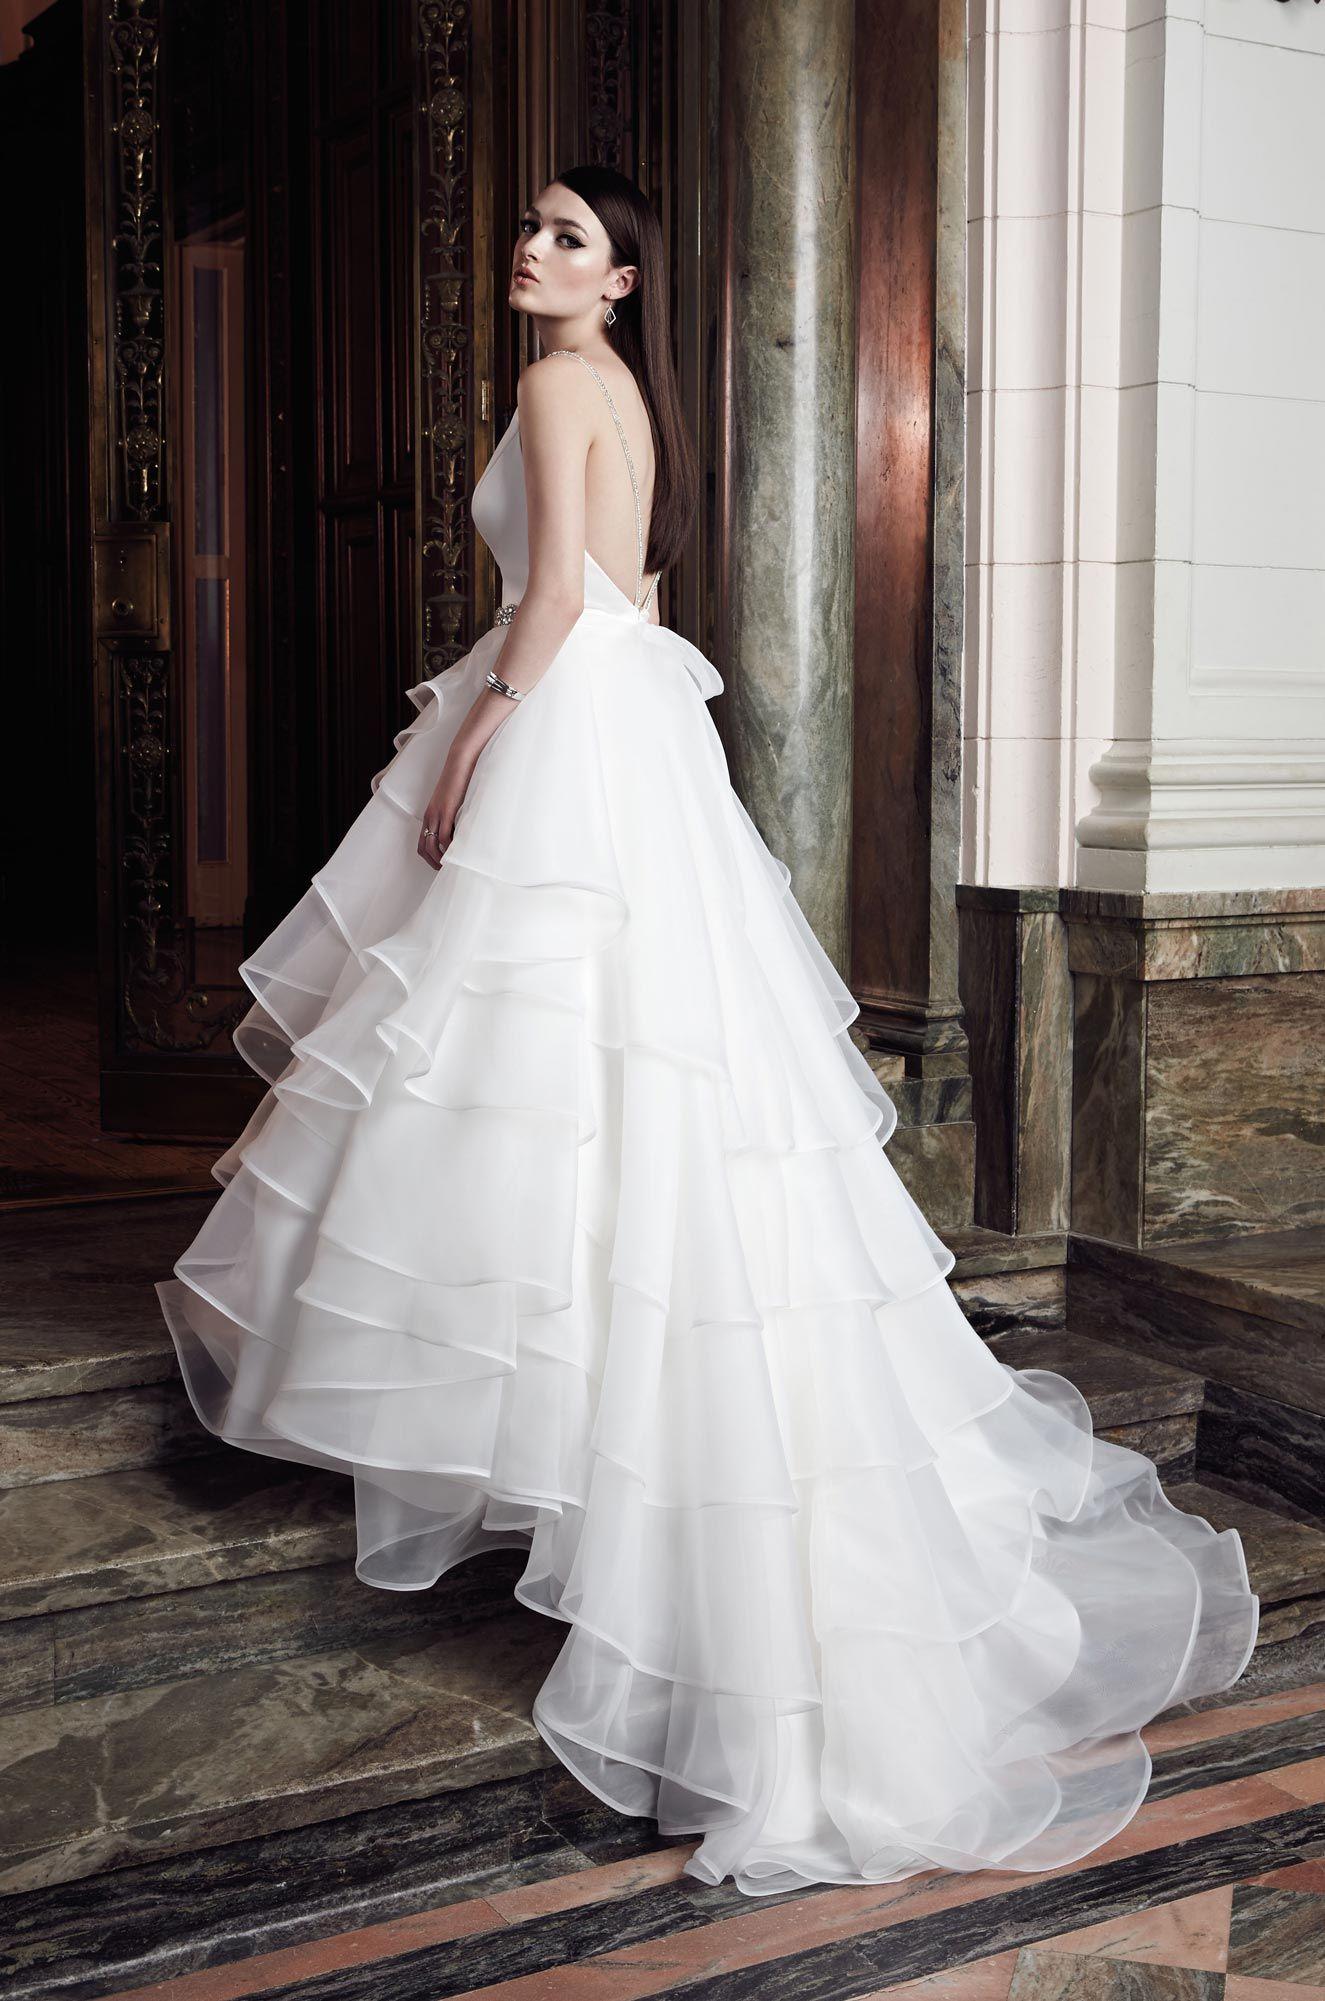 Ziemlich Brautkleid Typ Für Körpertypen Ideen - Brautkleider Ideen ...